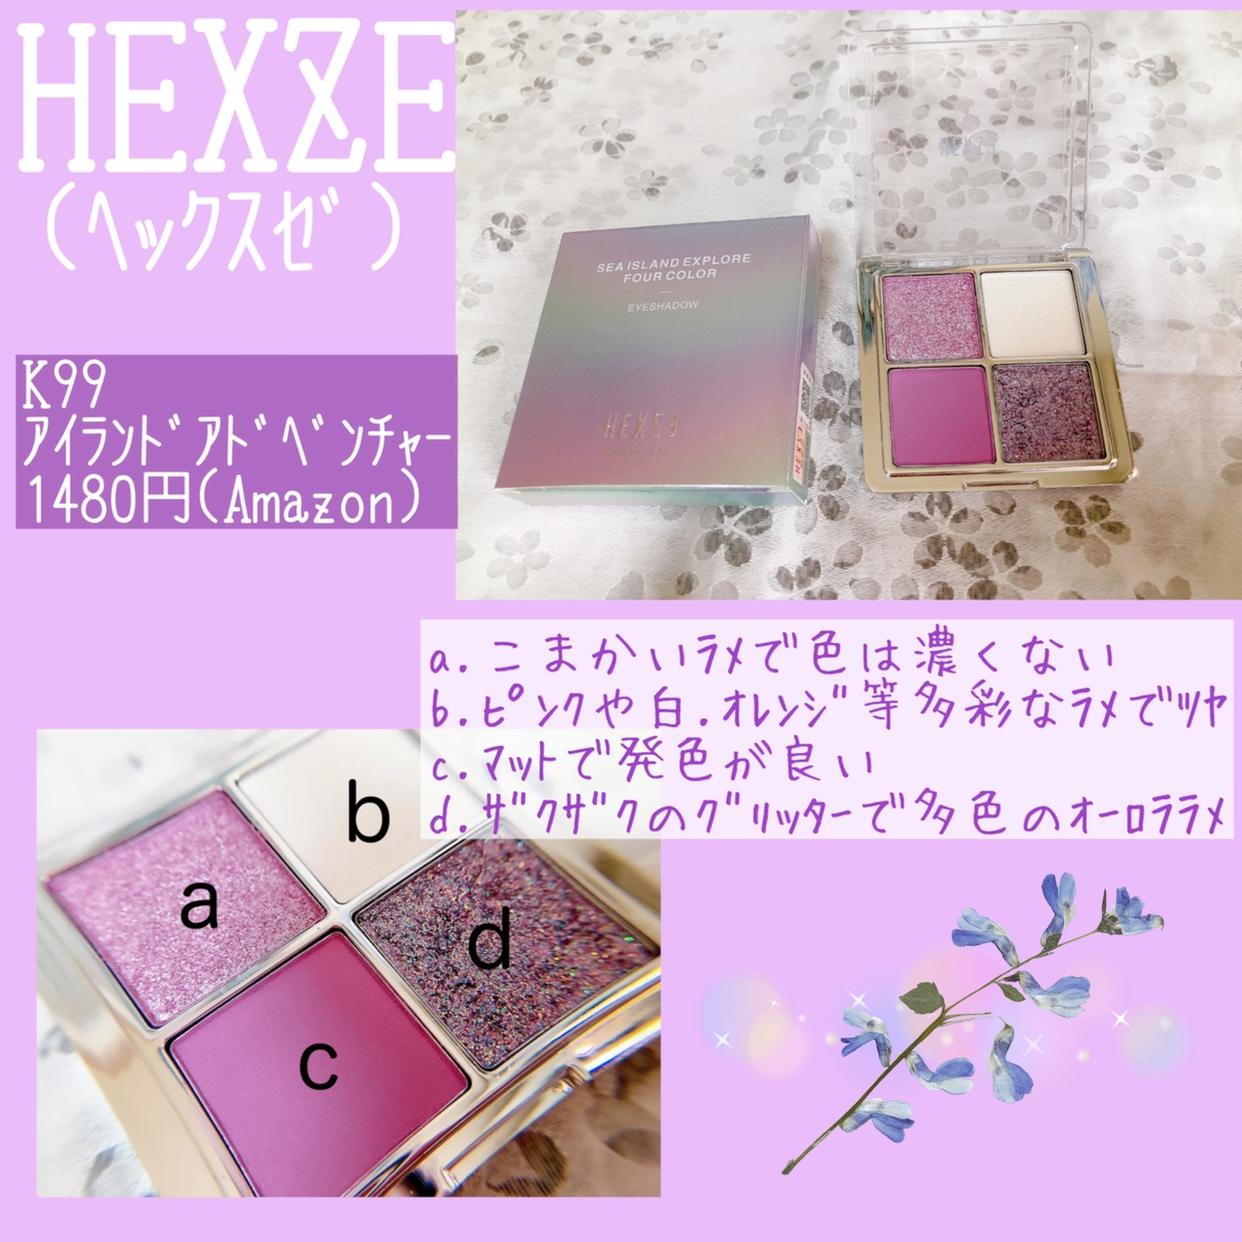 HEXZE(ヘックスゼ) 「アイランドアドベンチャー」4色アイシャドウを使ったメグさんのクチコミ画像1